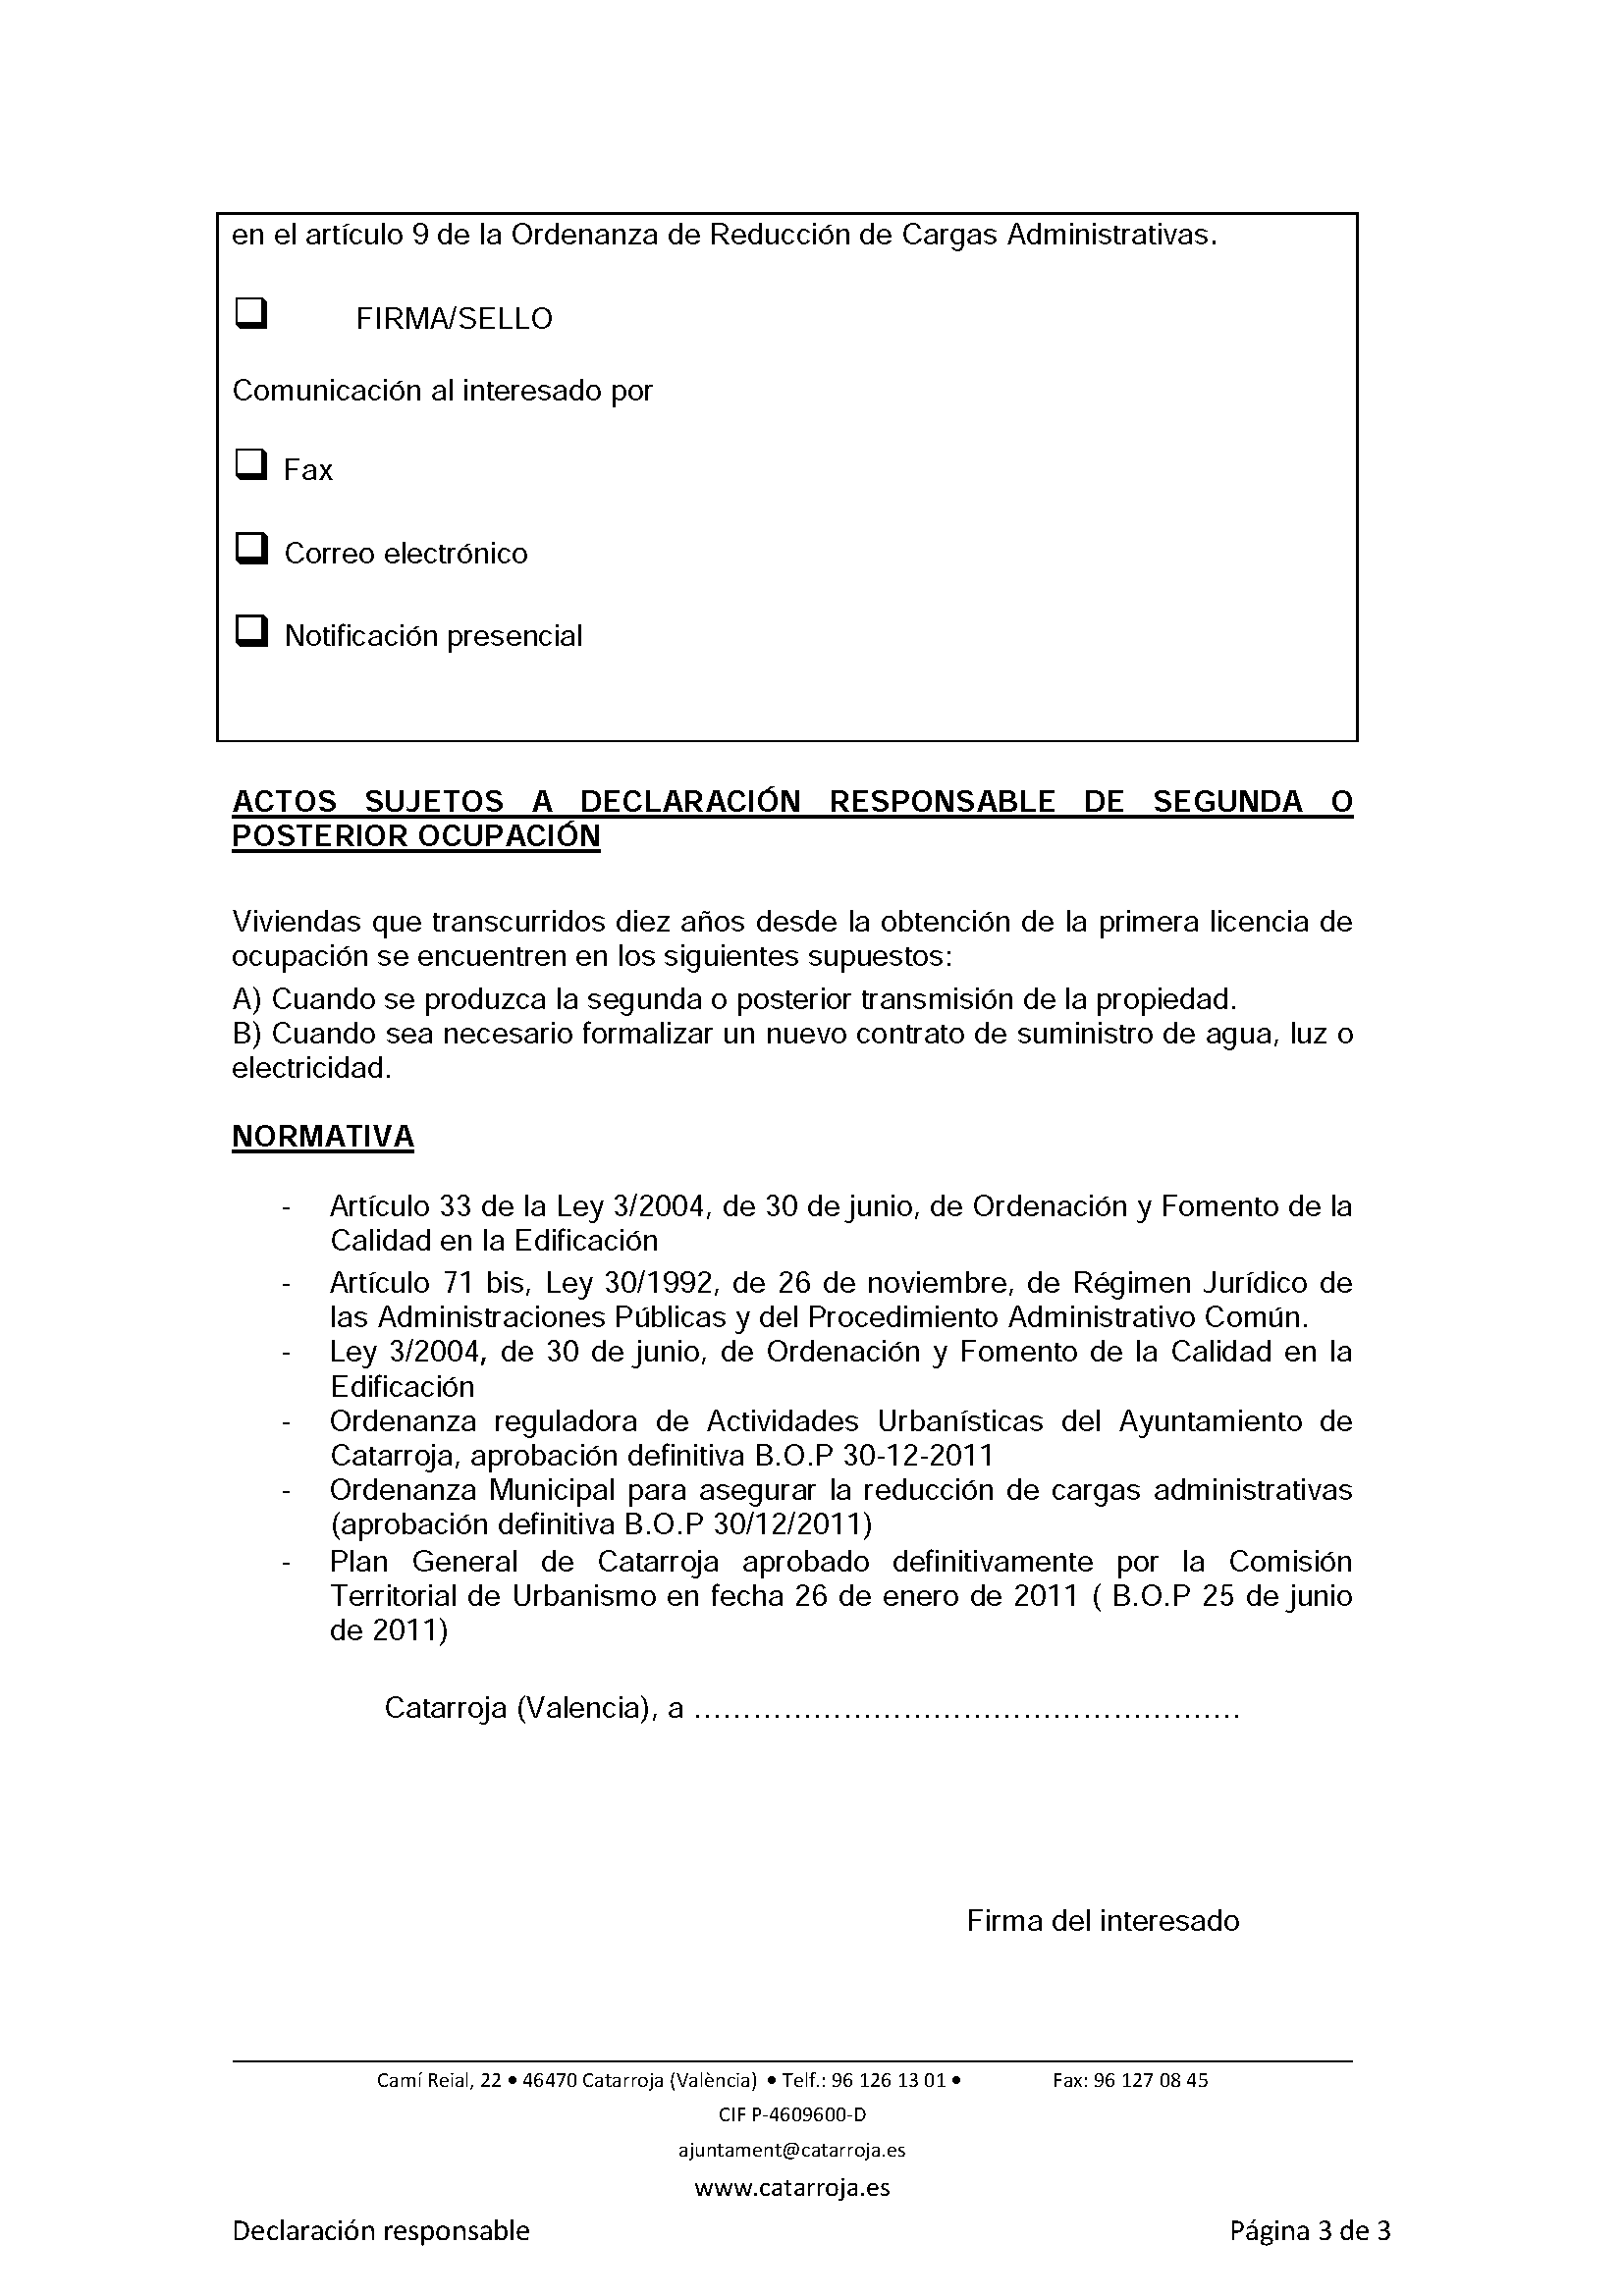 Impreso Declaración Responsable Segunda Ocupación Catarroja